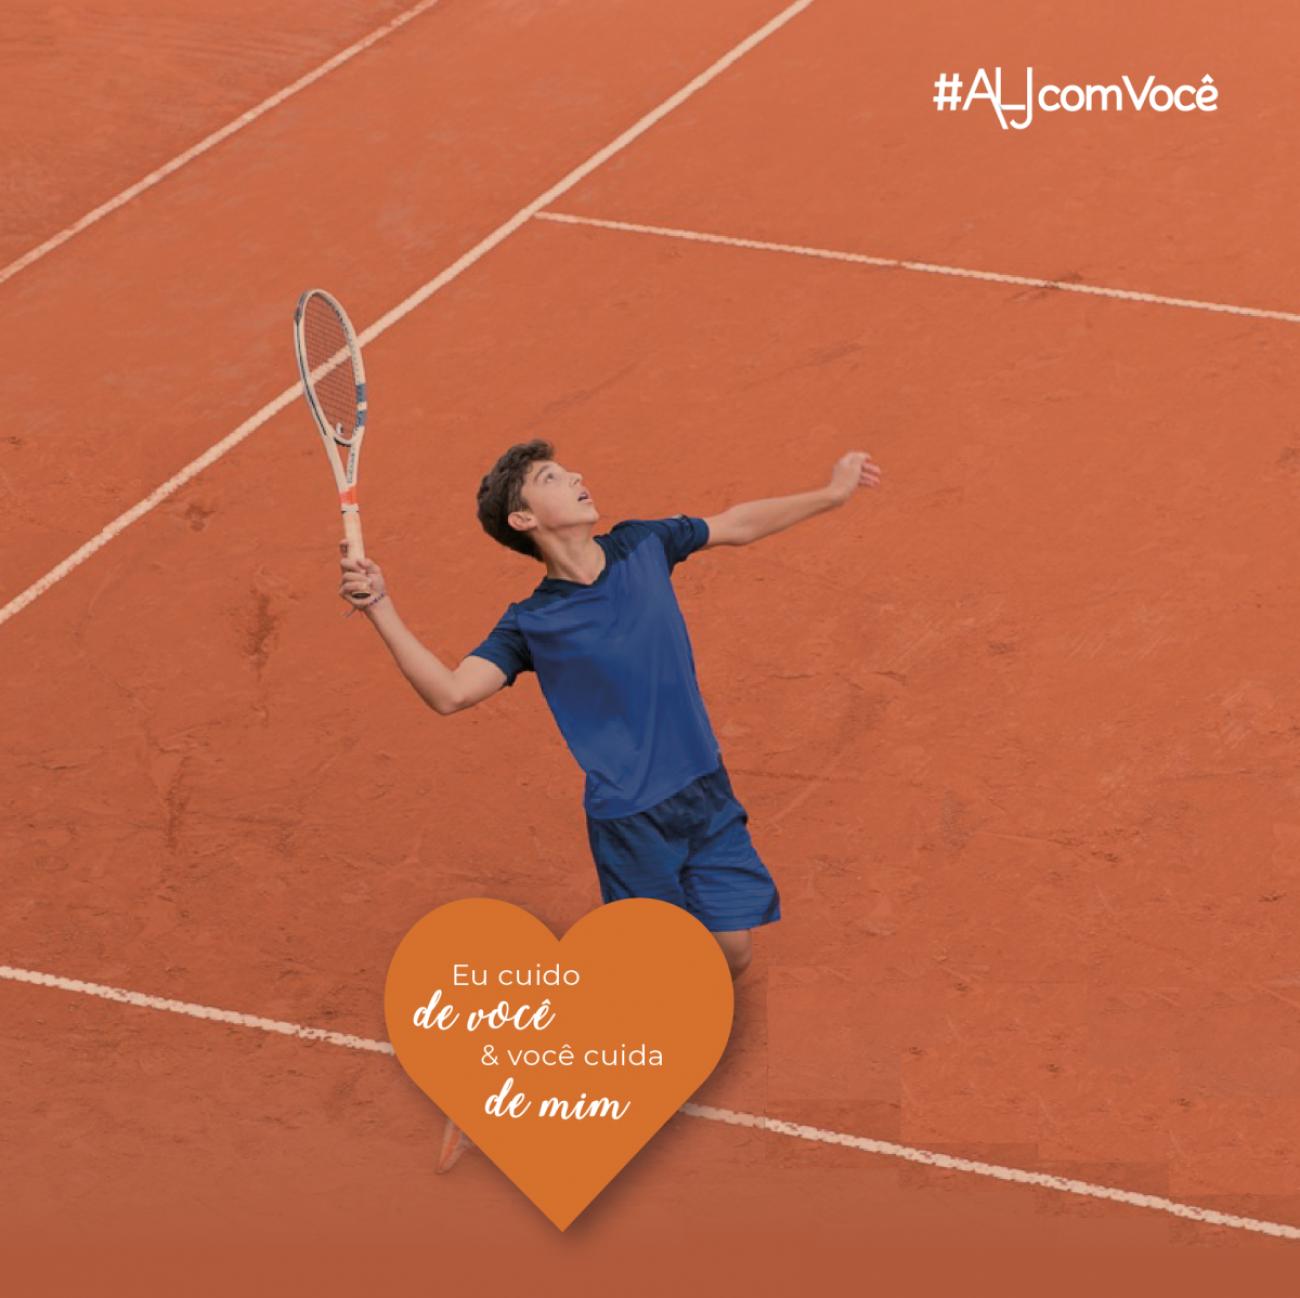 Rateio para jogos de tênis pode ser alterado até às 23h59 do dia do jogo